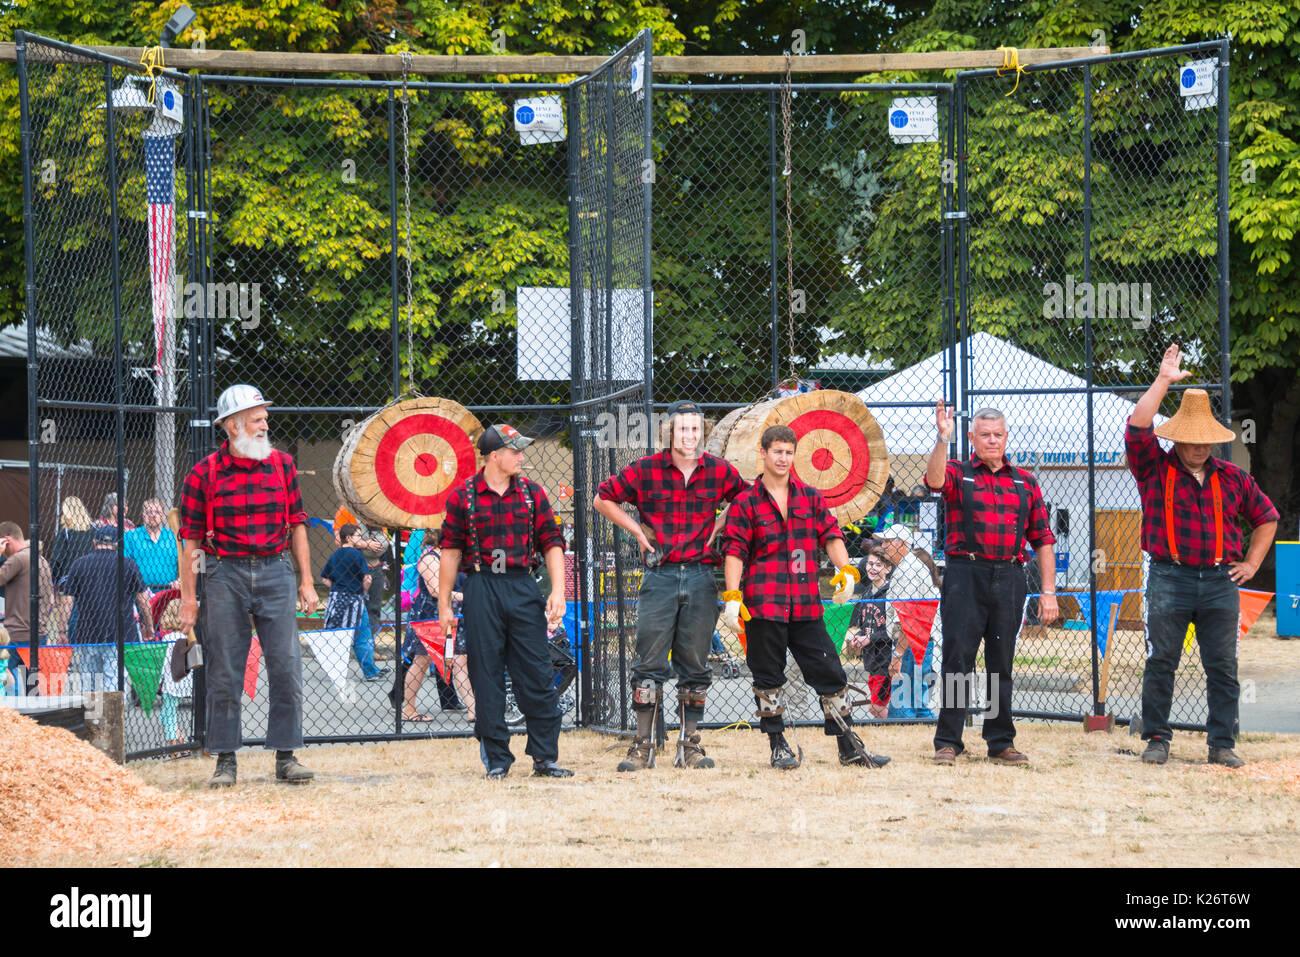 Les coupeurs de bois de démonstration des compétences bûcheron Evergreen State Fair Monroe Washington Photo Stock